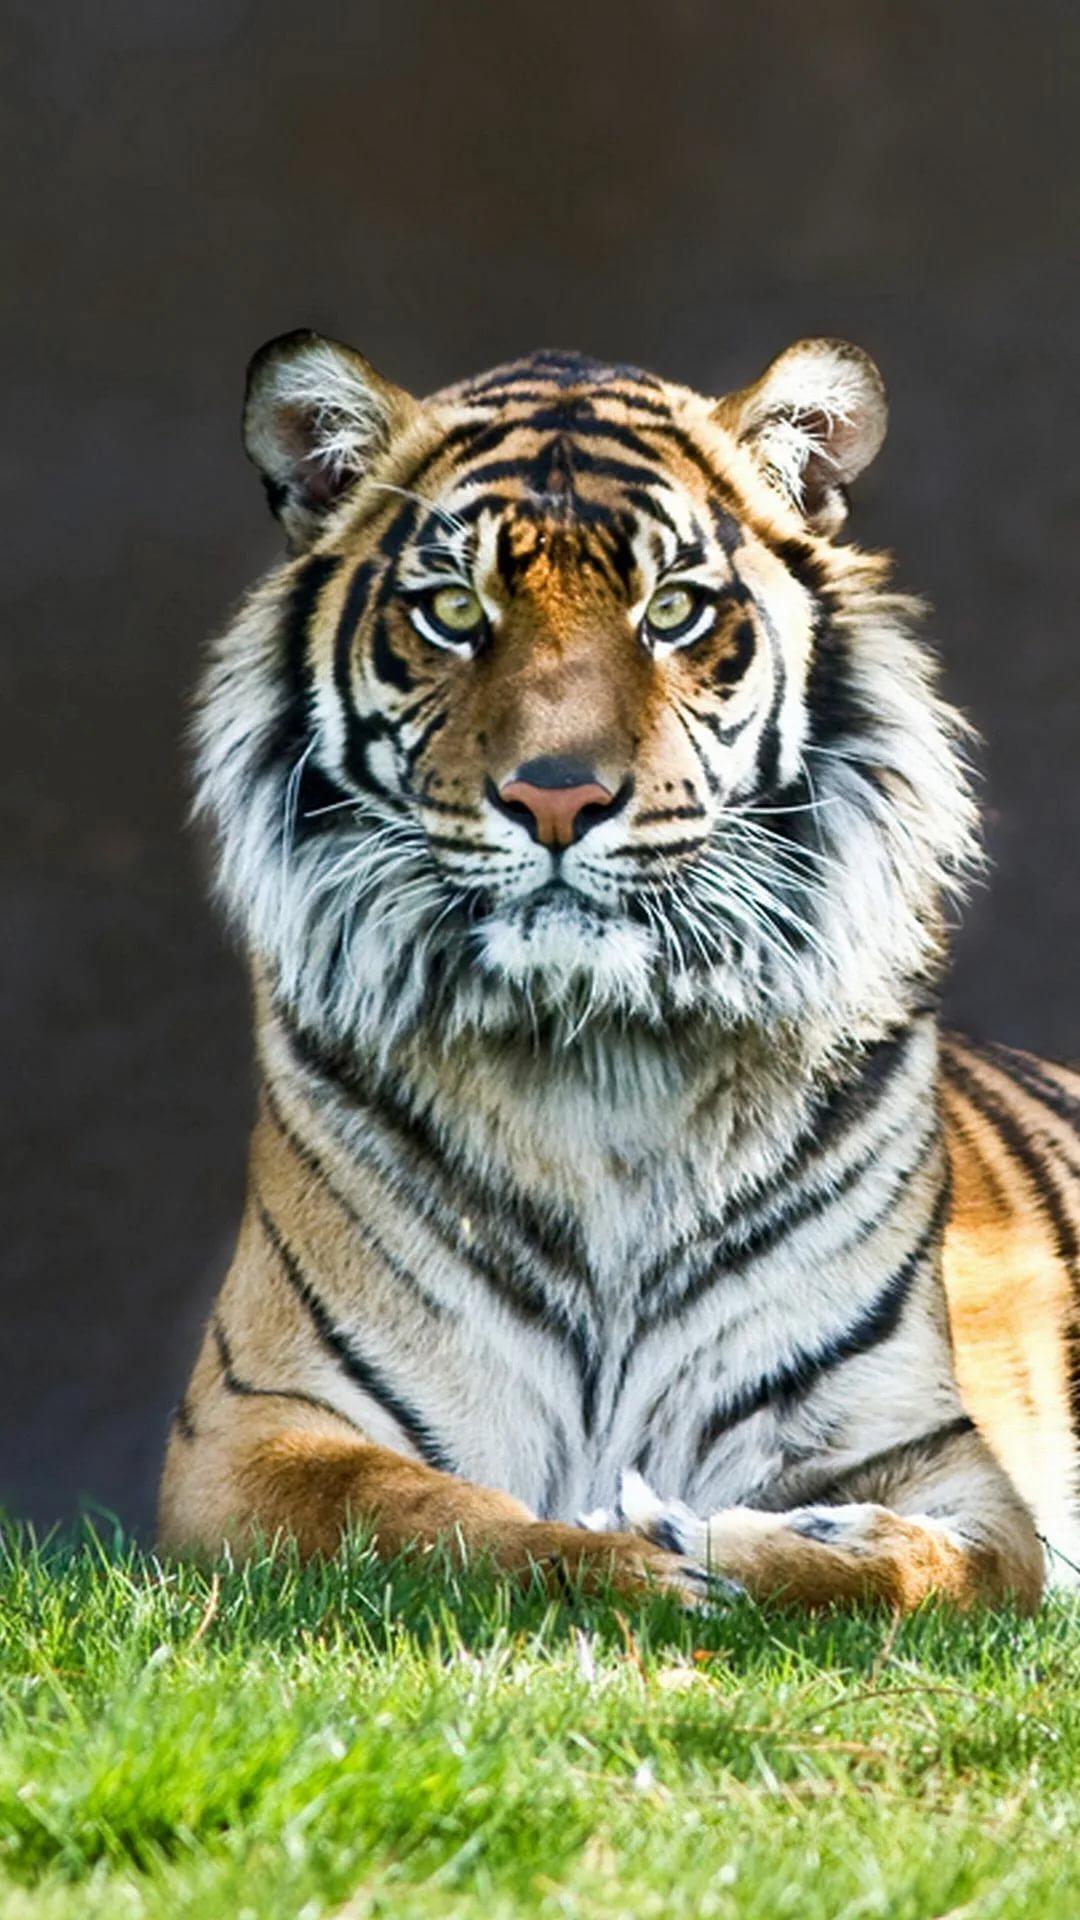 Картинки тигра на телефон скачать лучшие 4